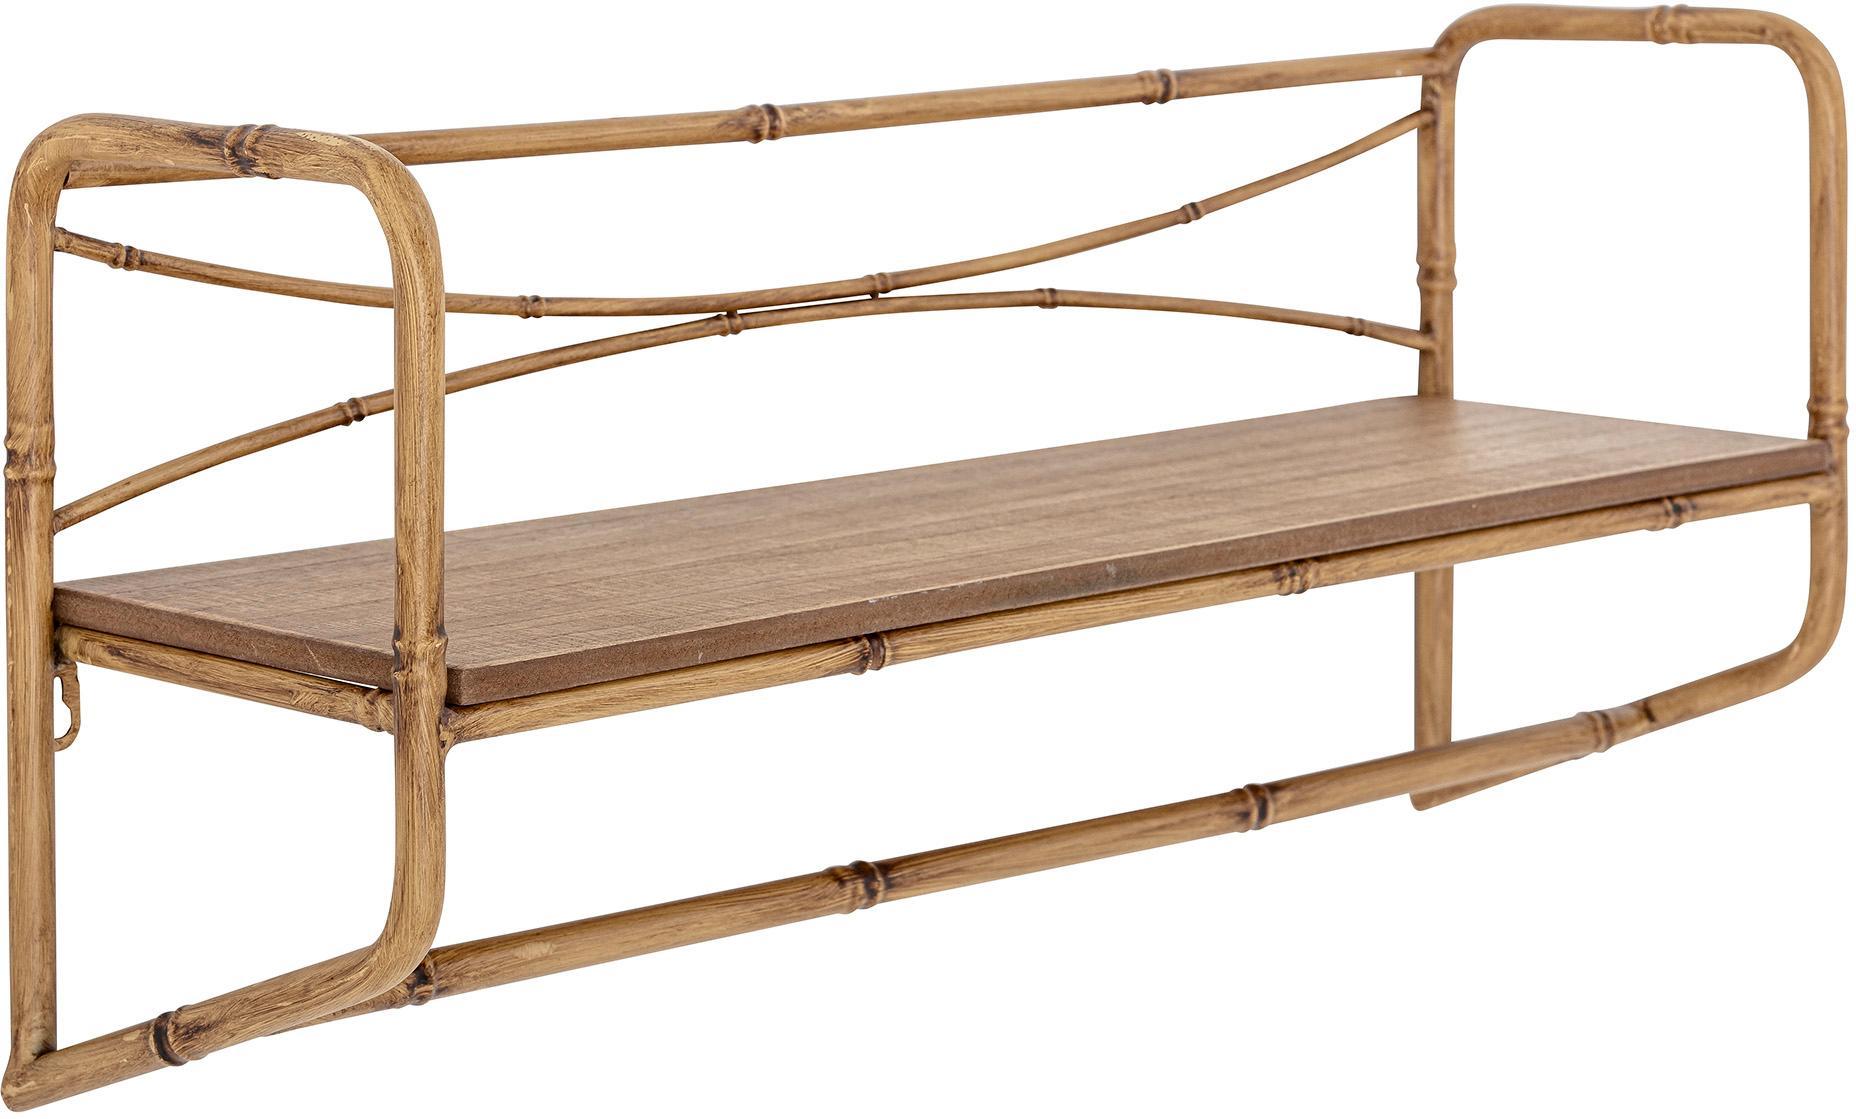 Mensola a muro in bambù Rod, Struttura: canna, Ripiano: pannello di fibra a media, Marrone, Larg. 63 x Alt. 28 cm